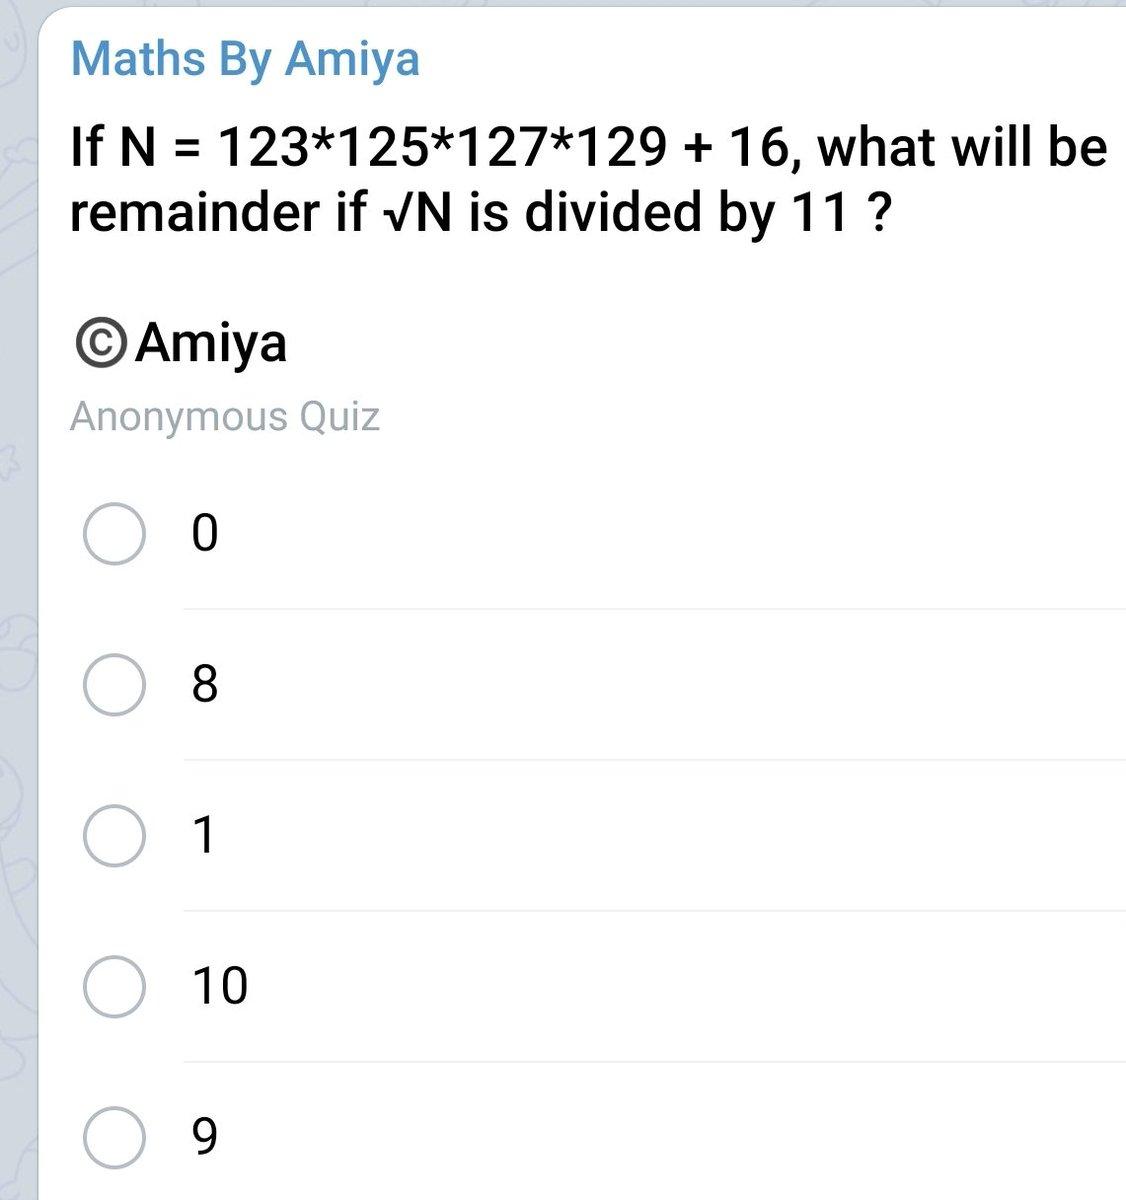 #Numbers #Maths #math #cat2020 #ssccgl pic.twitter.com/0H3DOqO9Wa